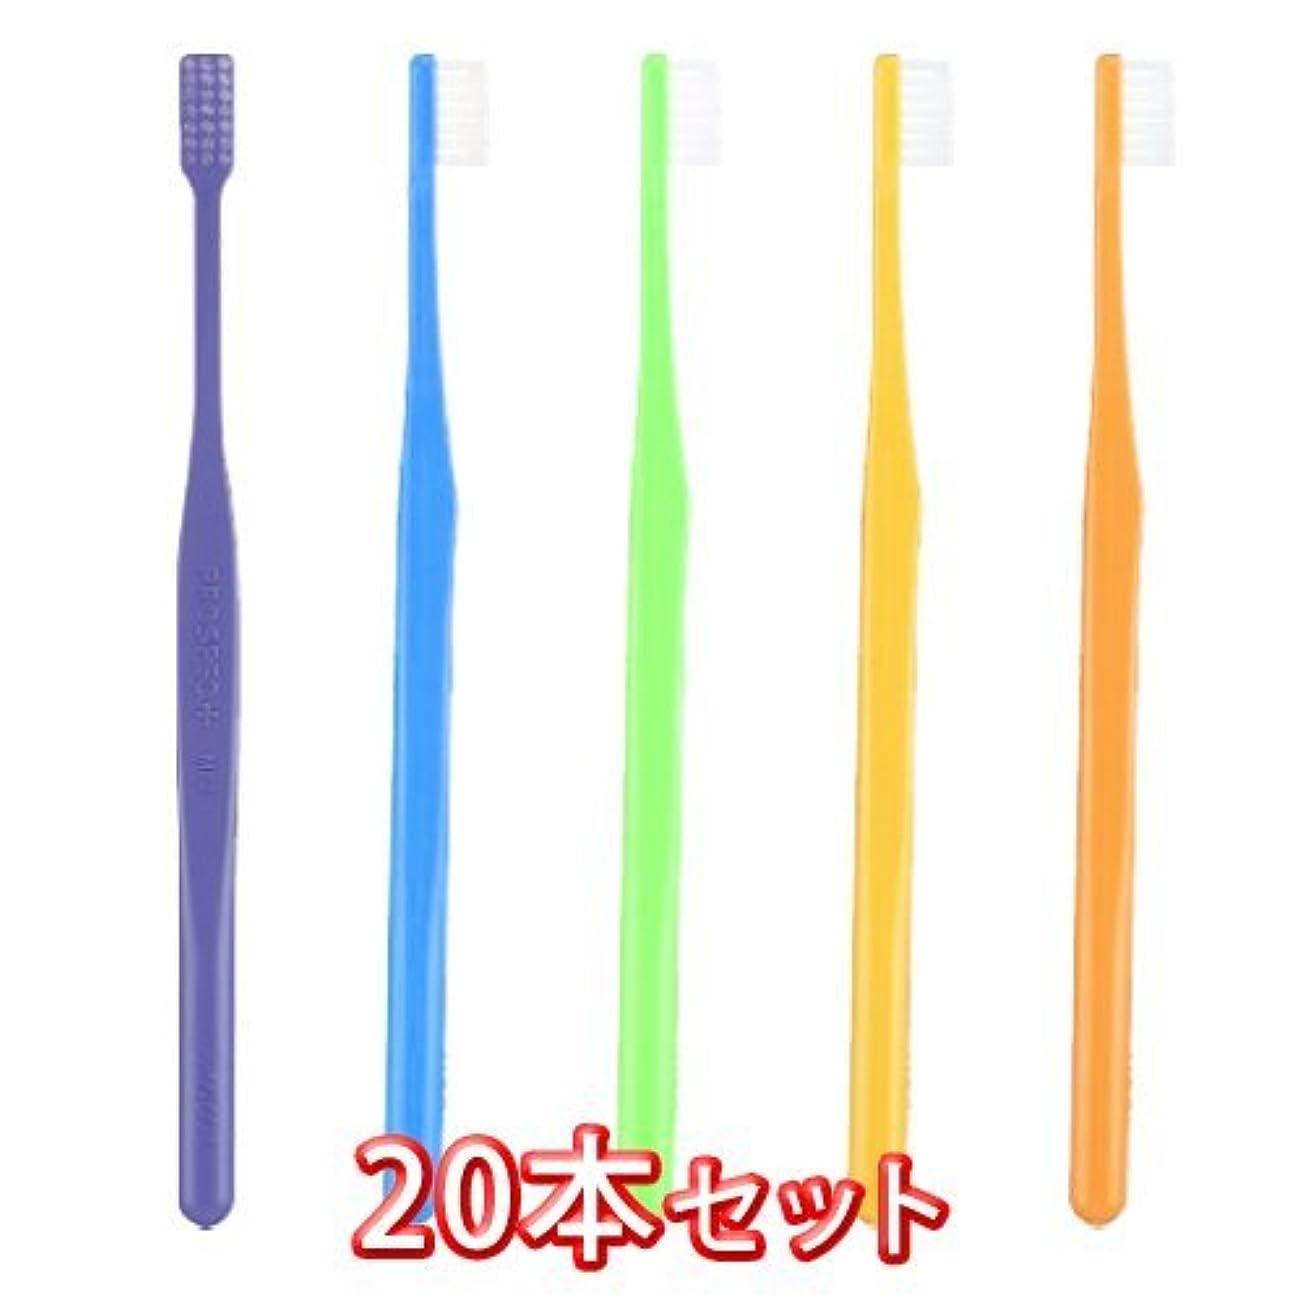 蒸気ひねくれたスリッププロスペック プラス ミニ歯ブラシ 20本入